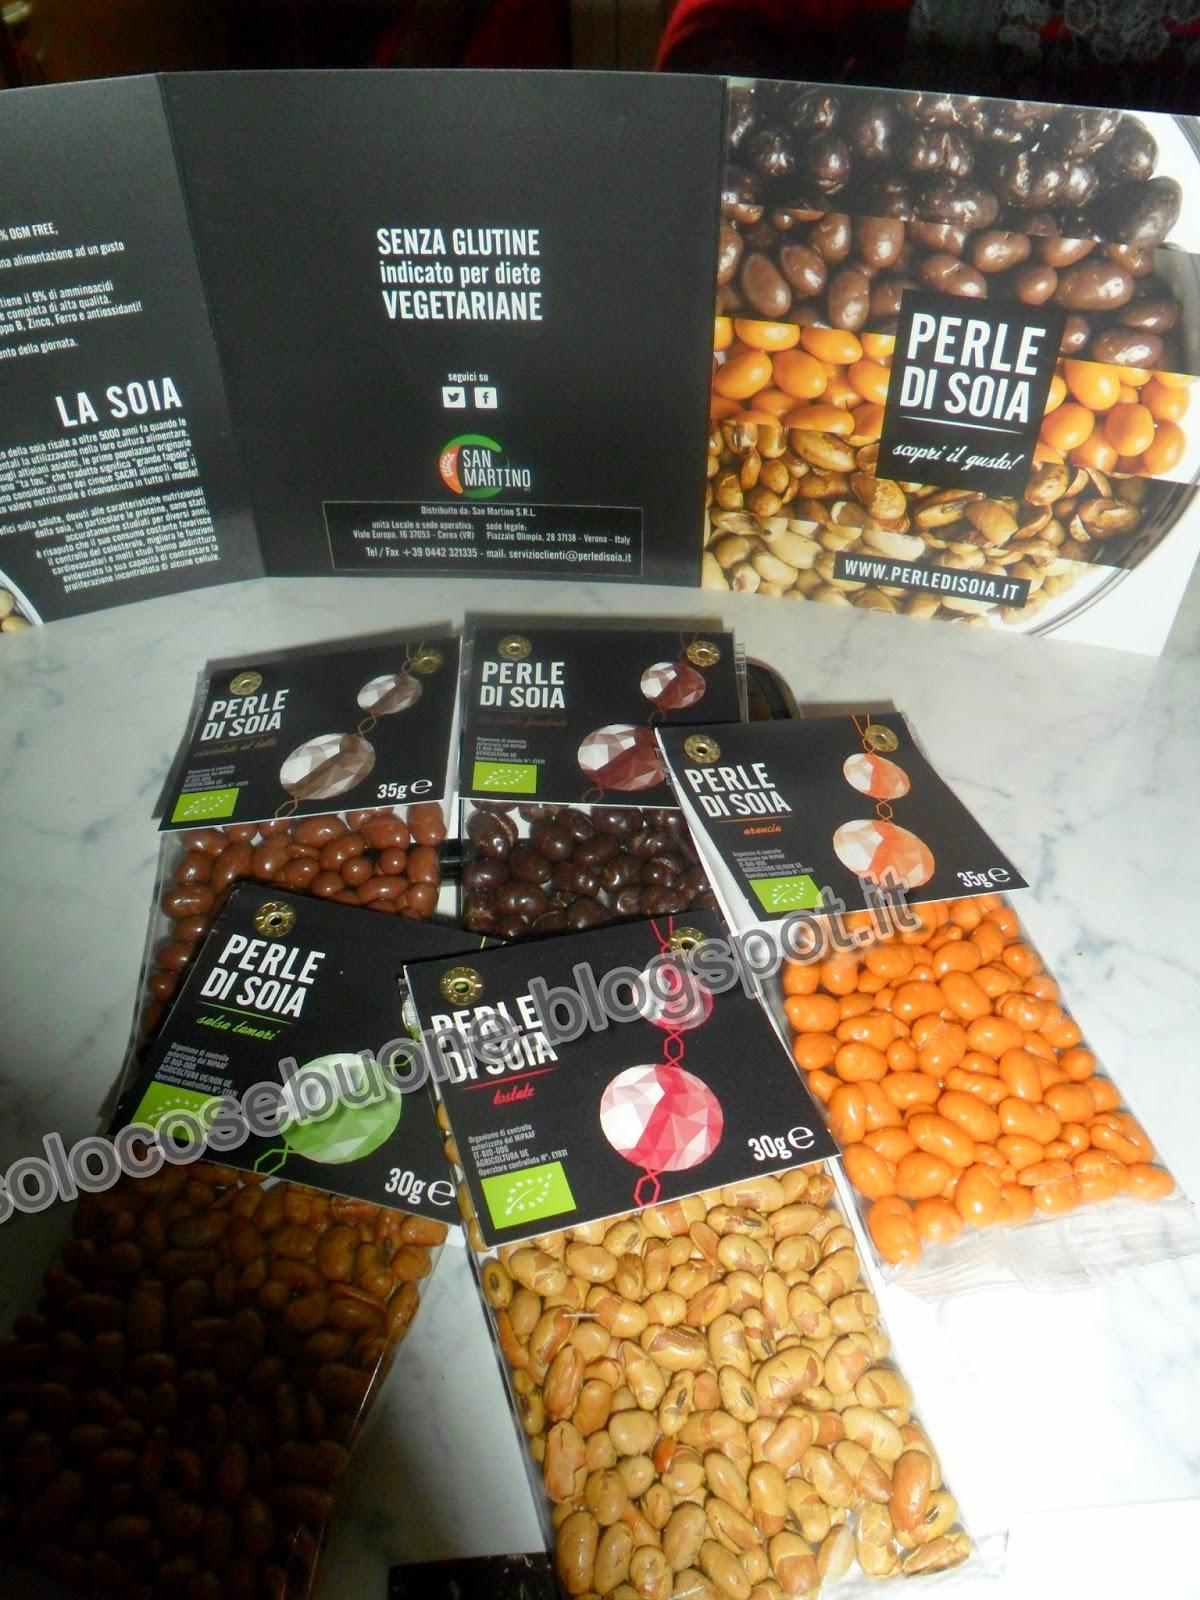 scopri il gusto delle perle di soia !